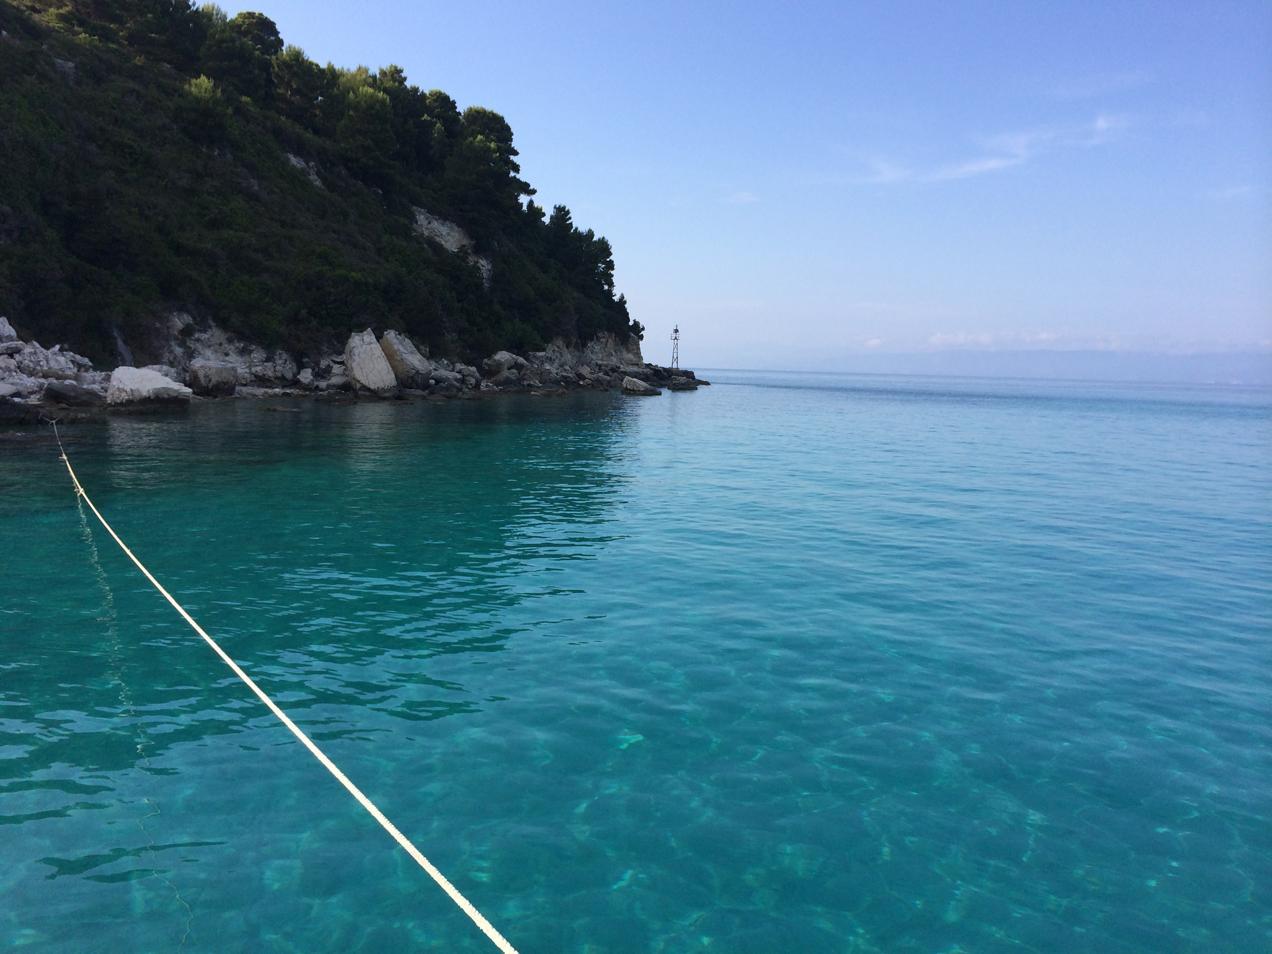 הפלגה ליוון עם דרך הים - מים שקופים ונופים מדהימים